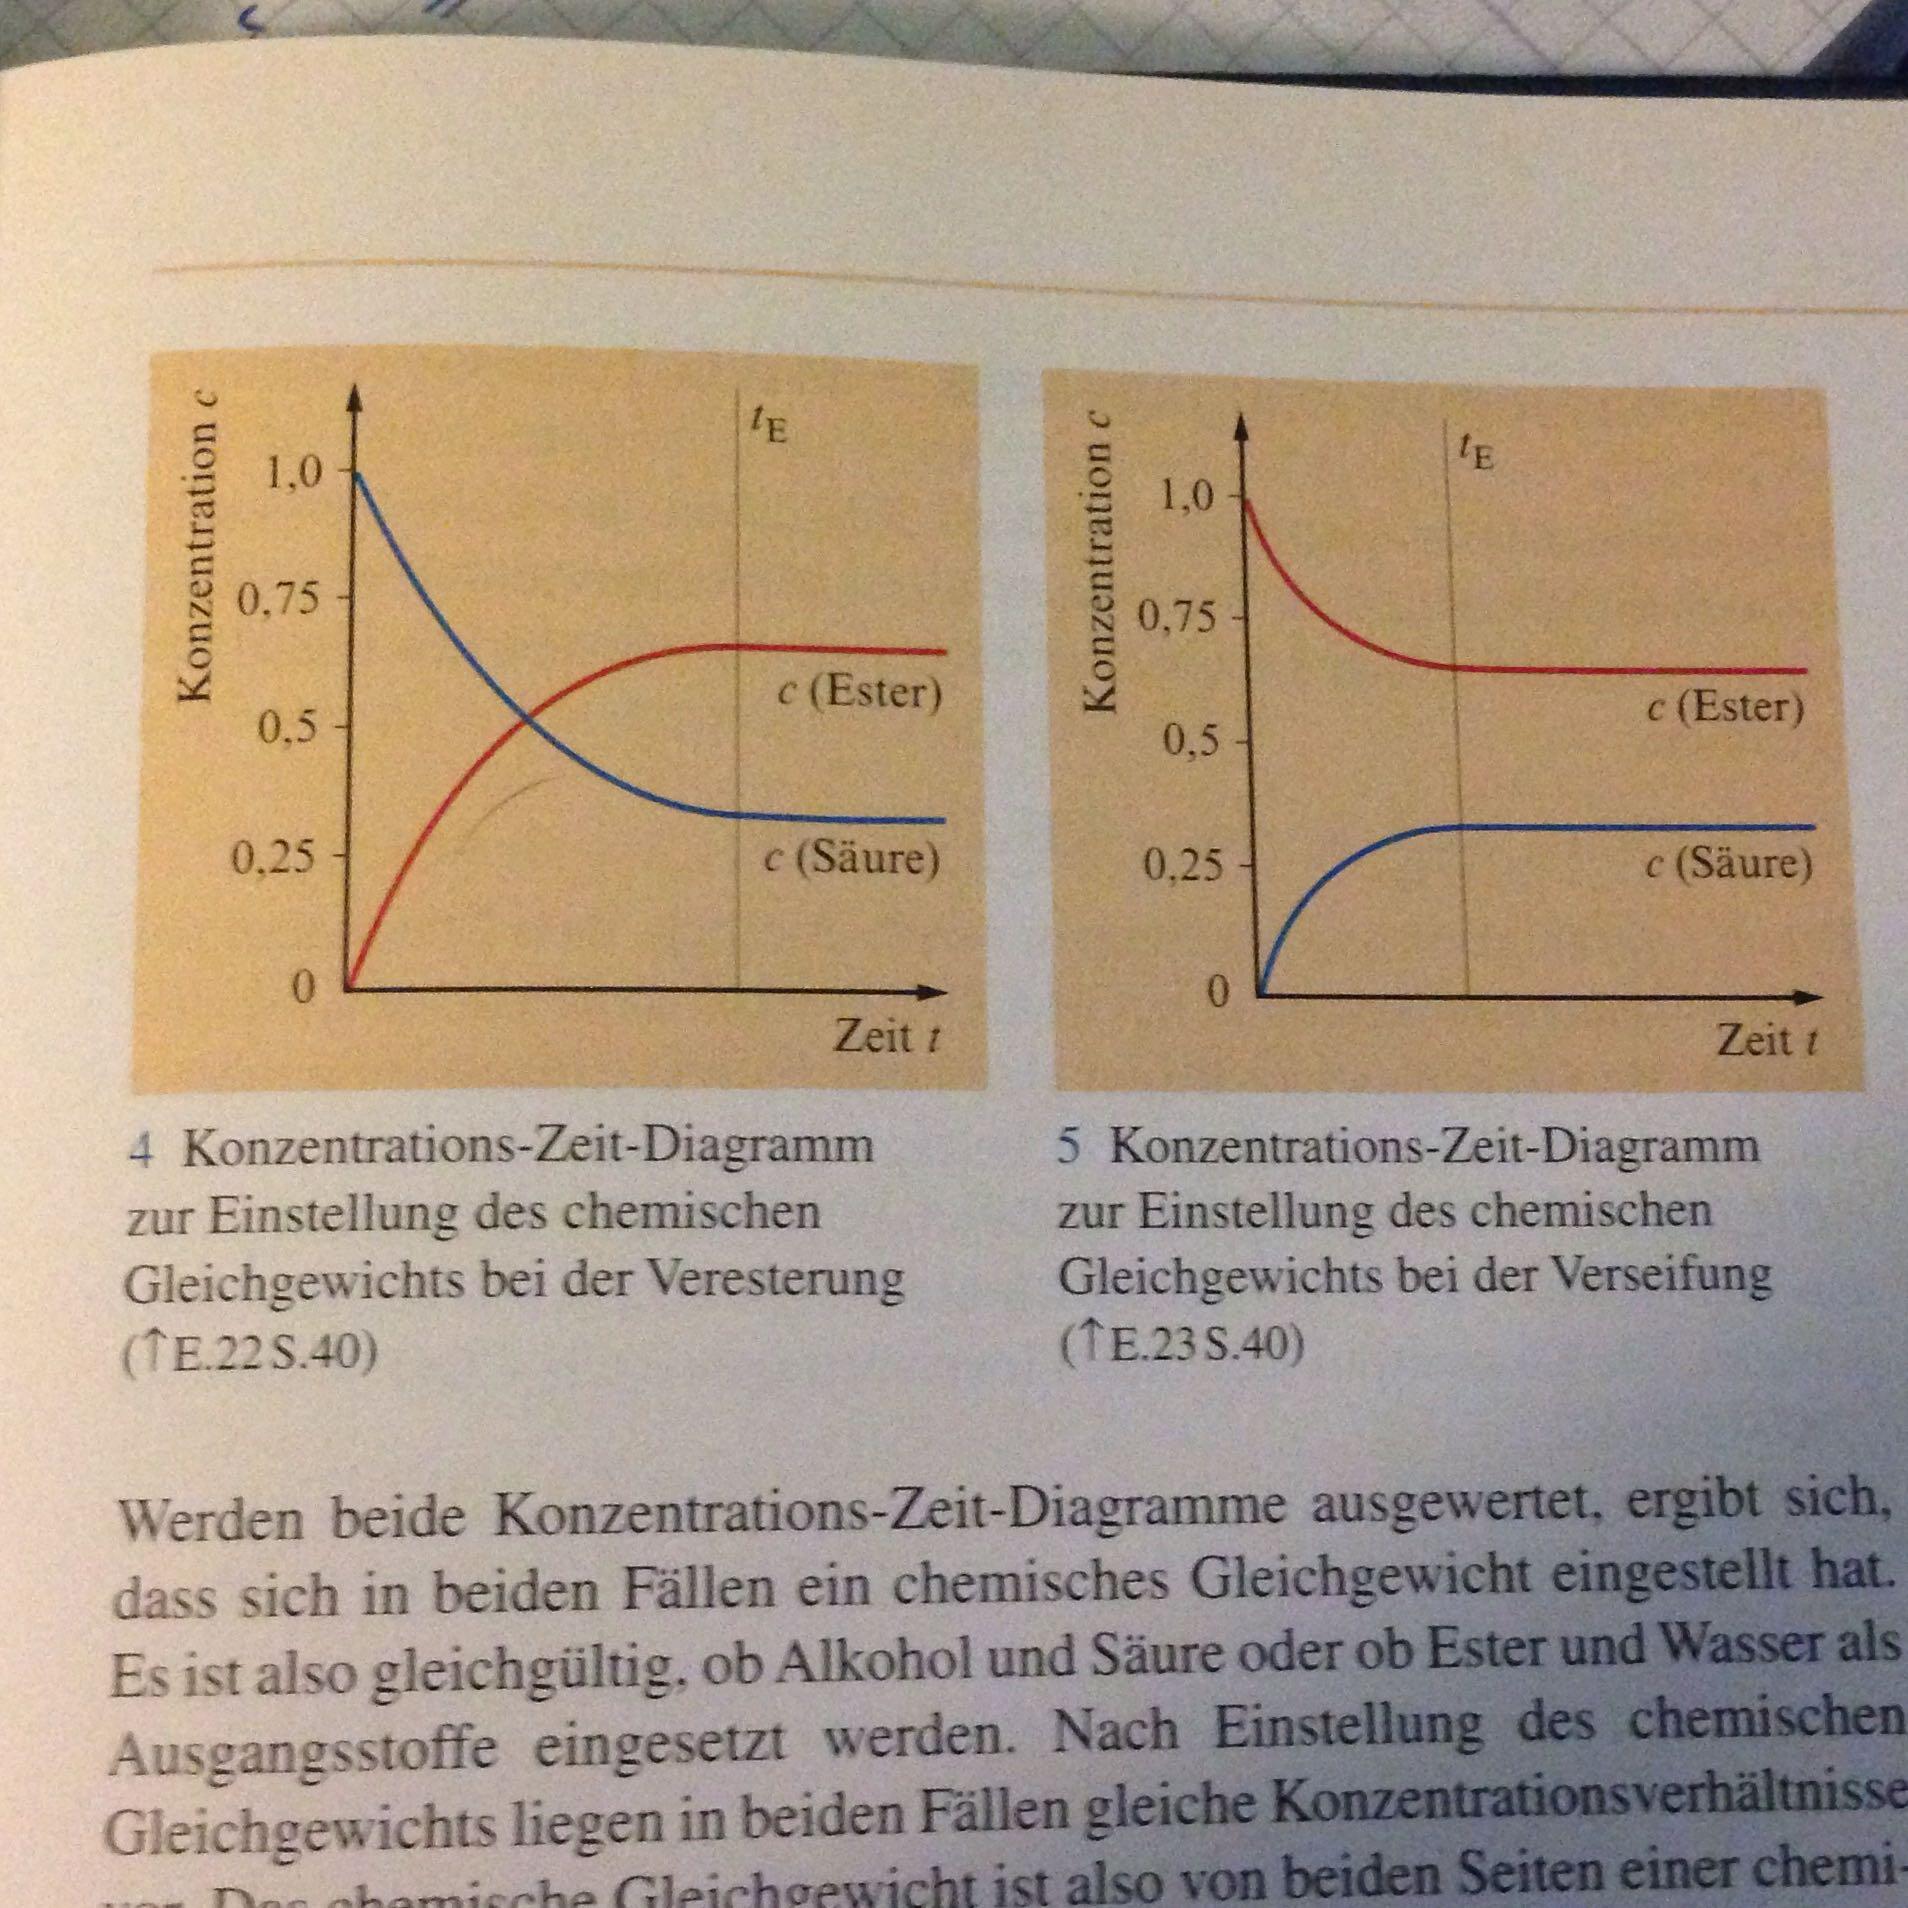 Ziemlich Schematische Diagramme Galerie - Schaltplan Serie Circuit ...